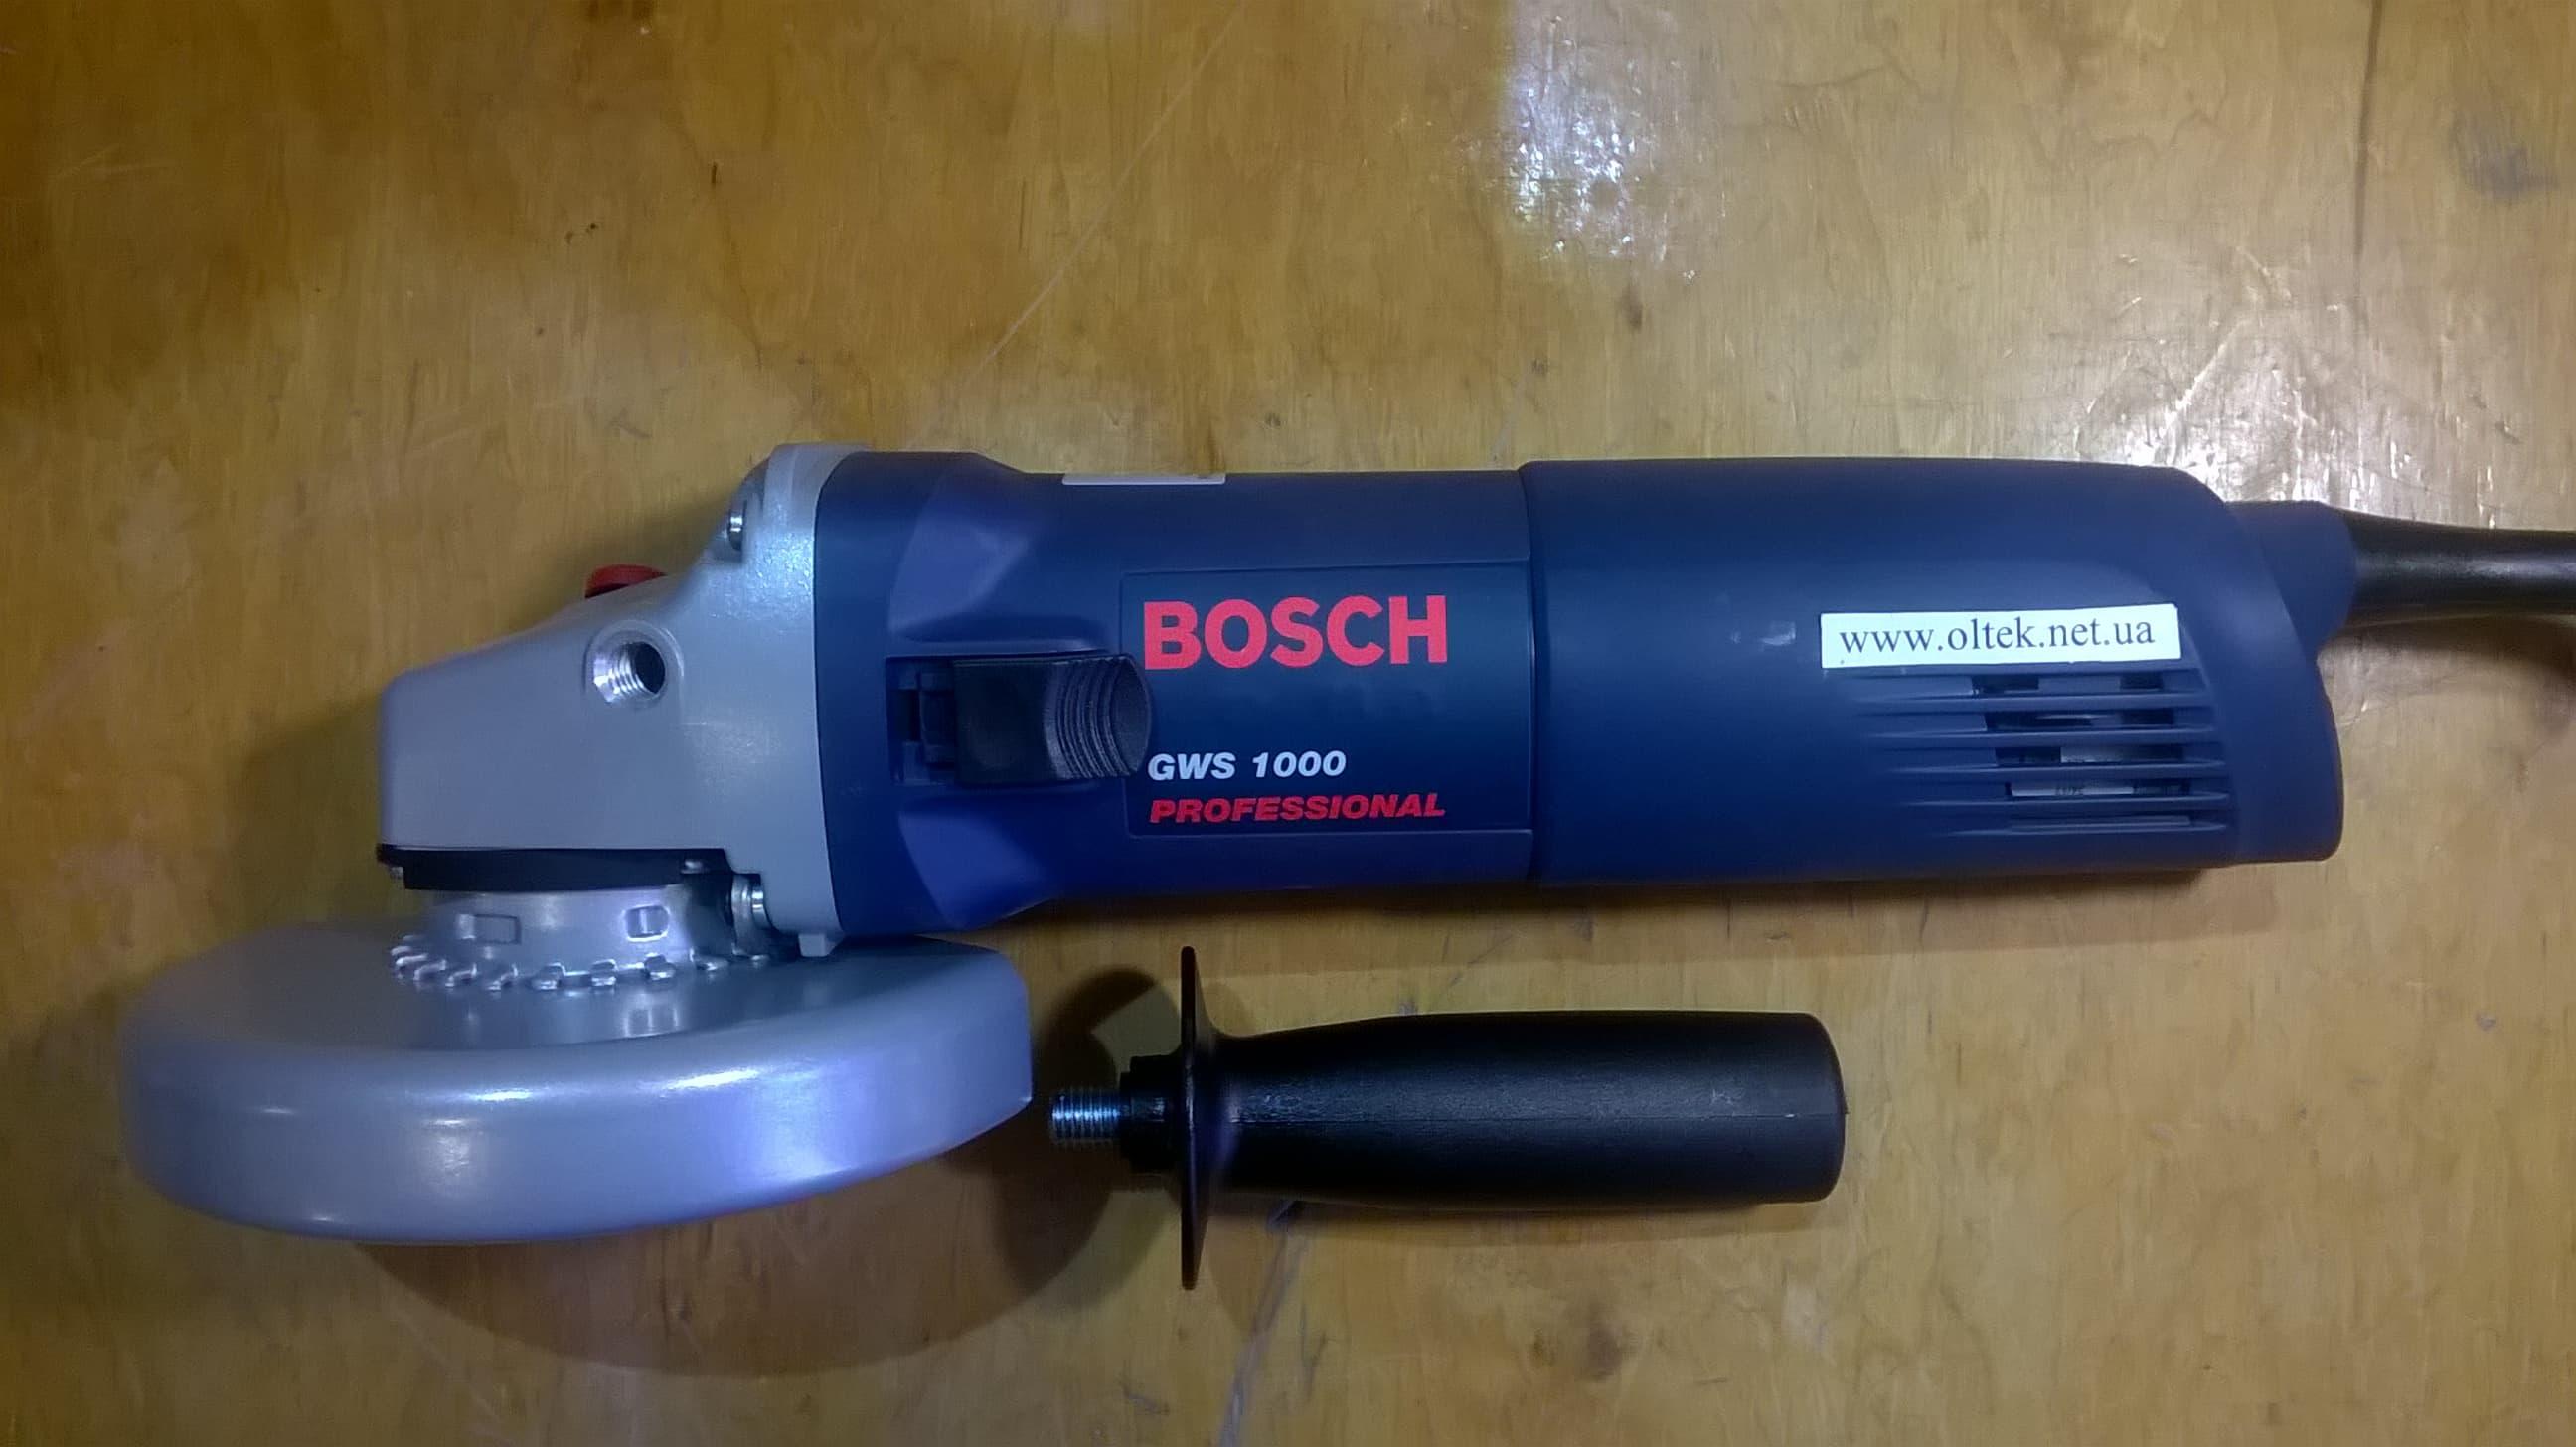 bosch-1000-oltek-net-ua